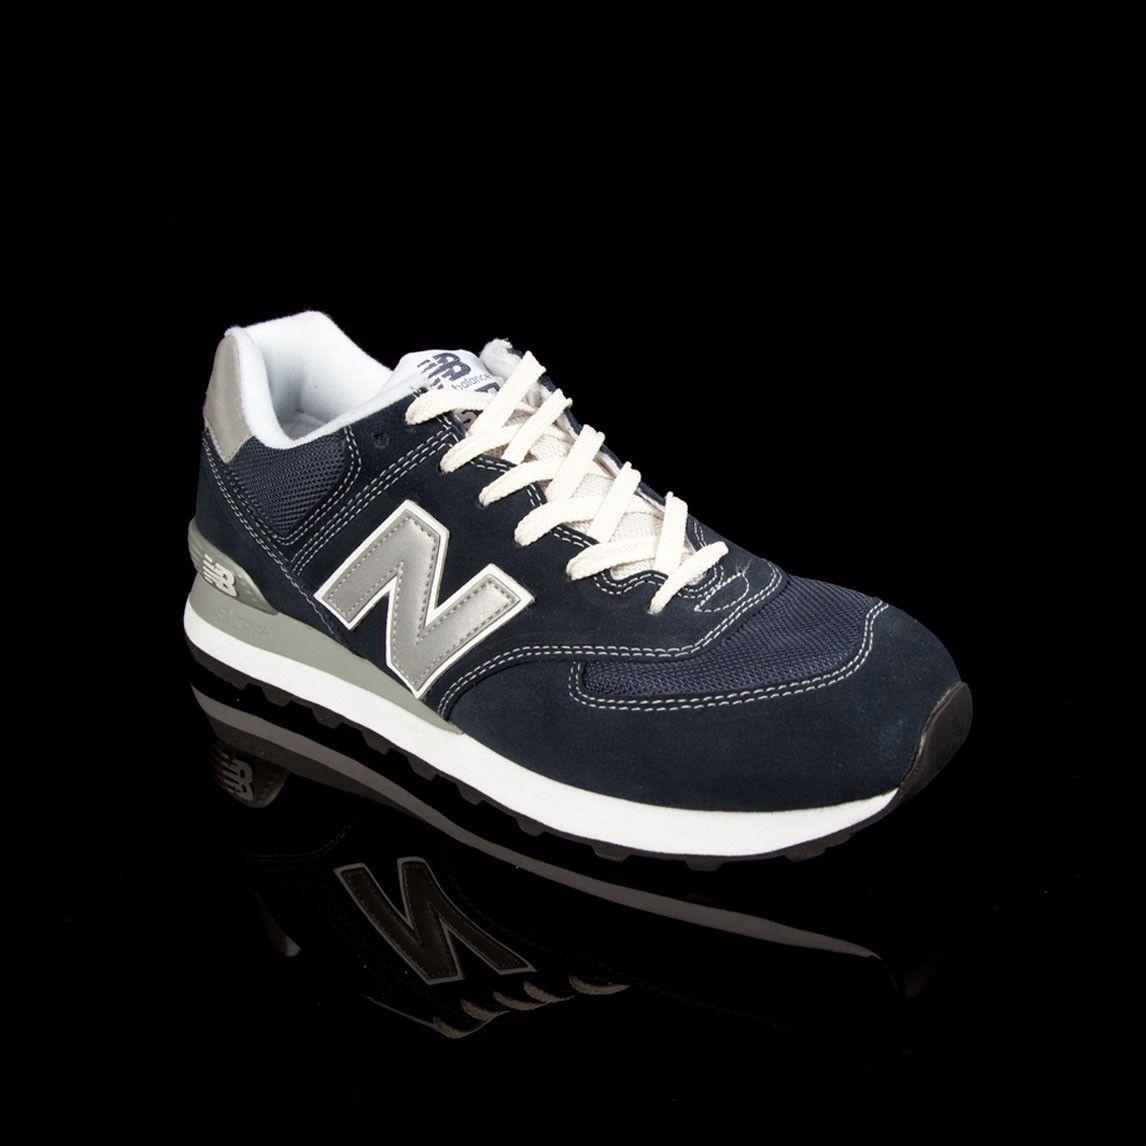 New Balance 574 Stinky Shoes New Balance 574 New Balance